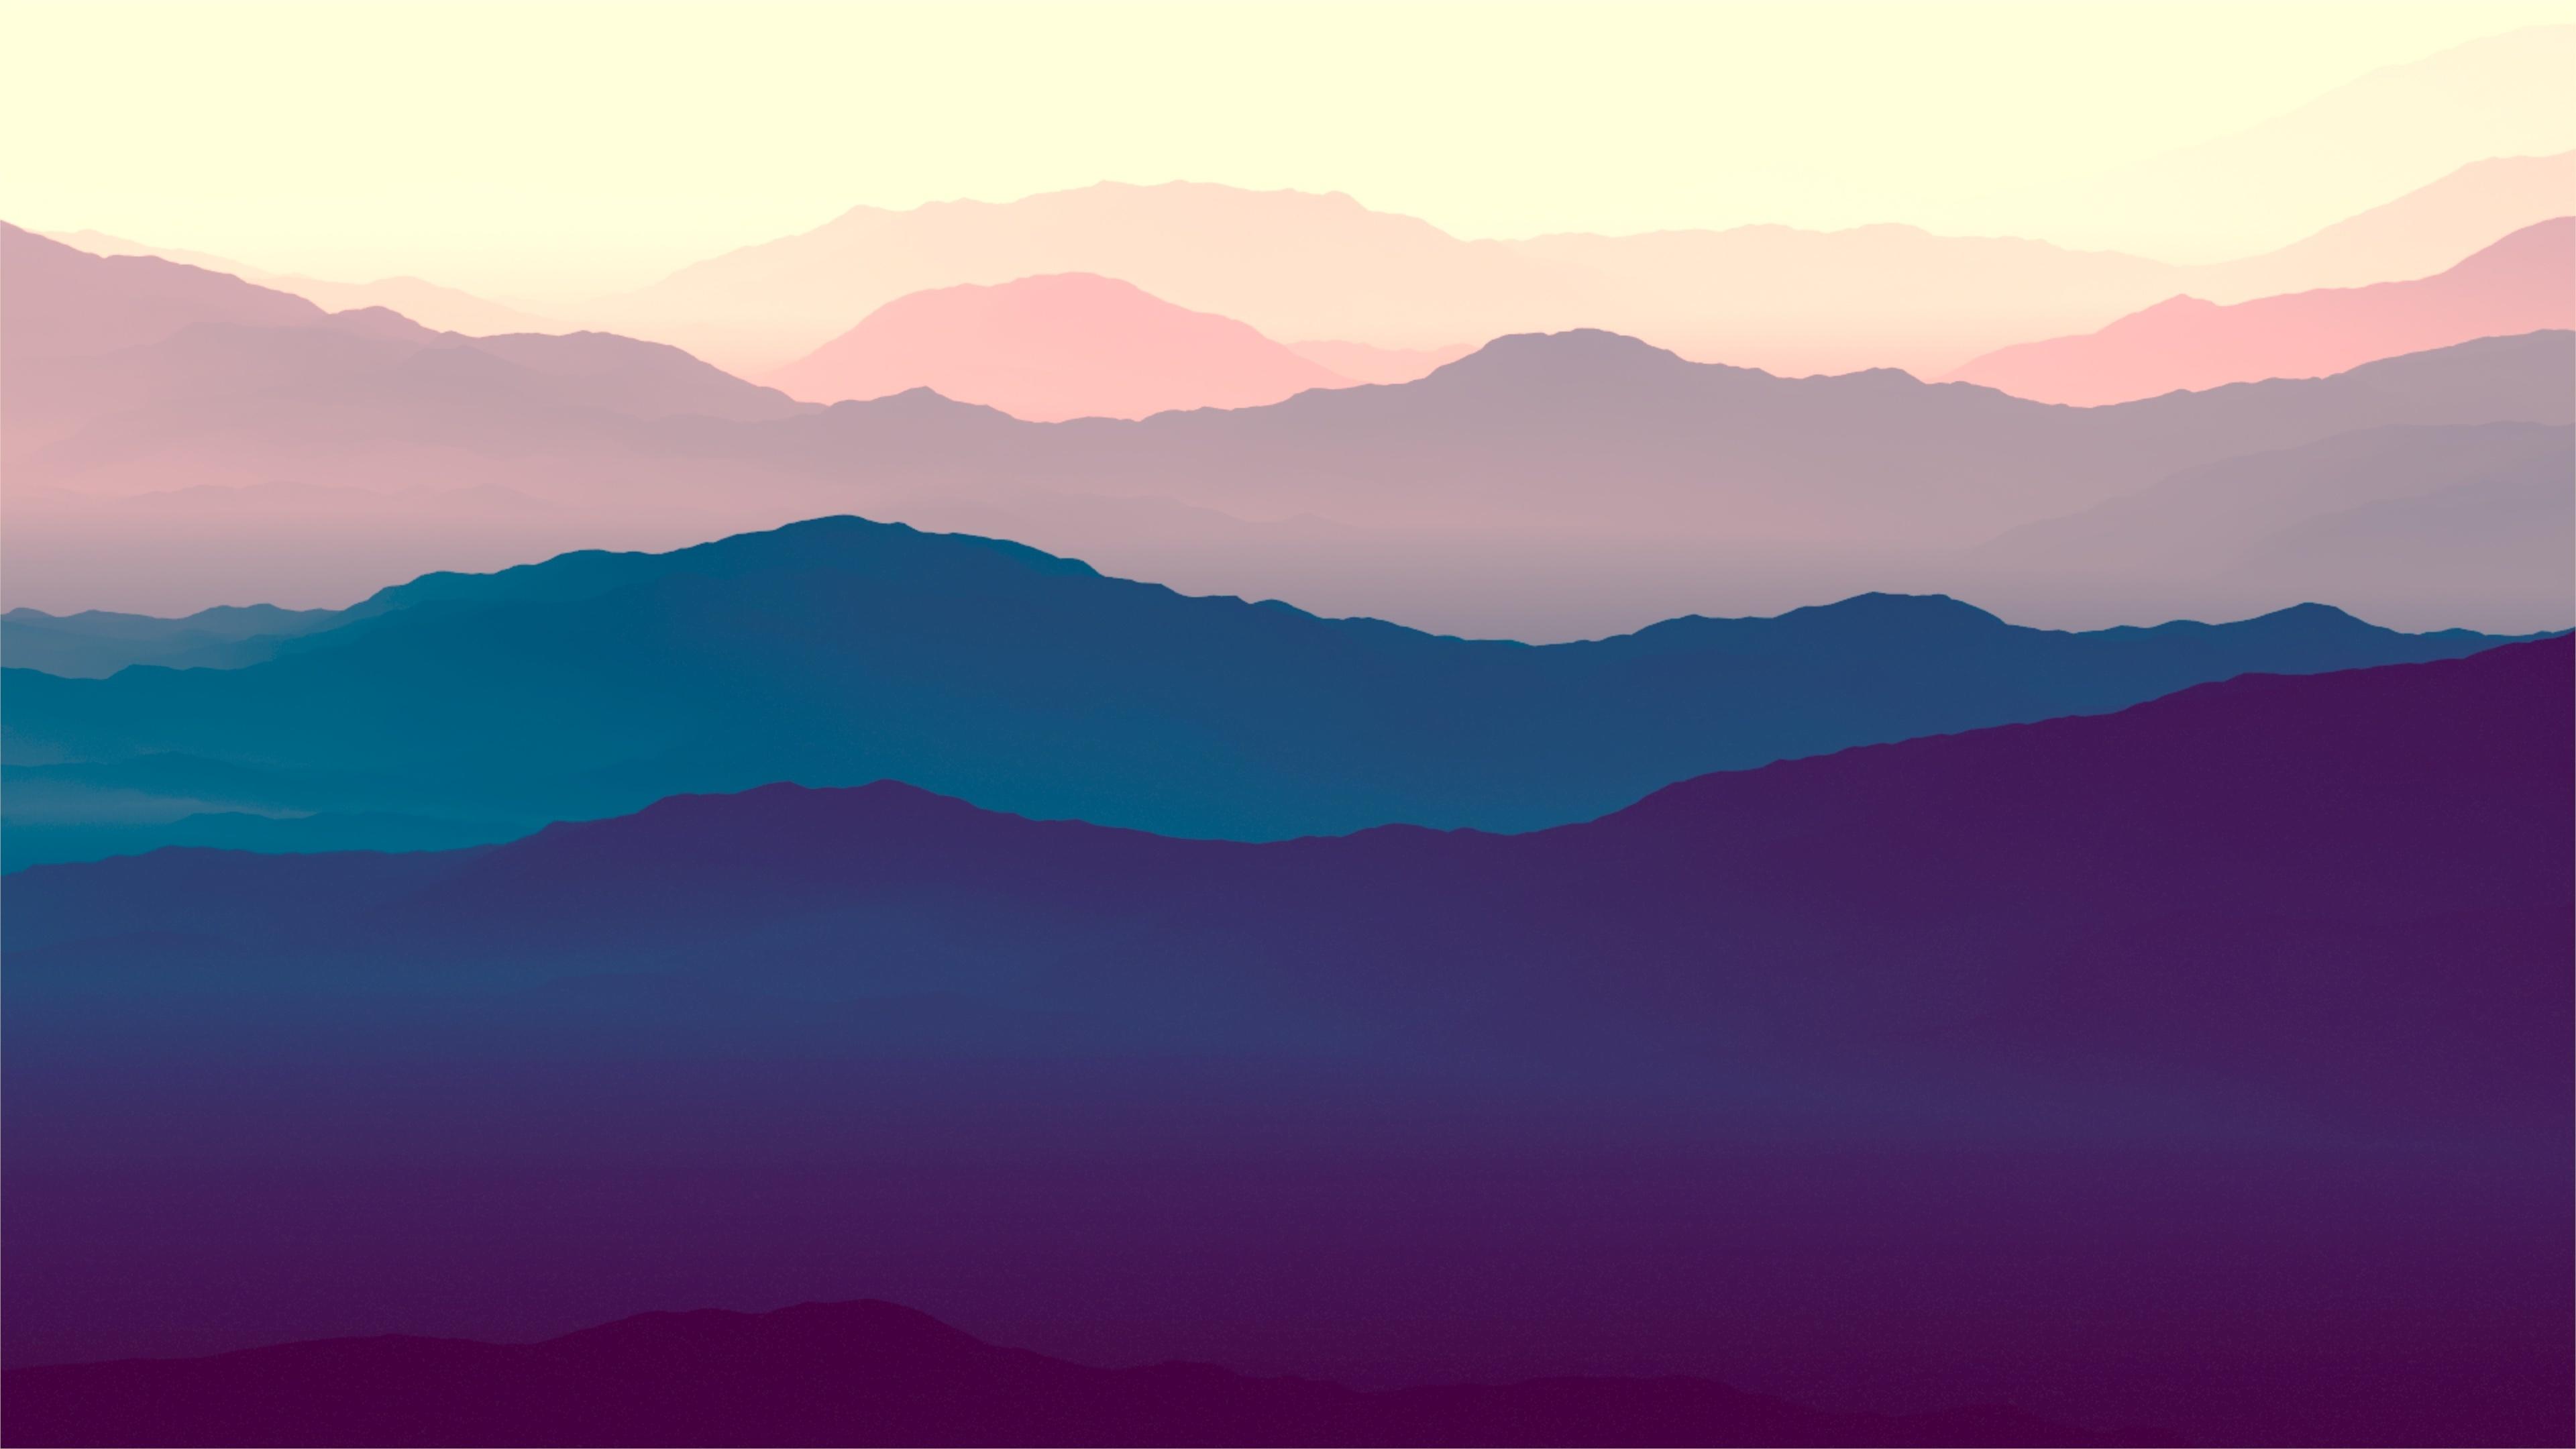 Download 3840x2400 wallpaper mountains, landscape, purple ...